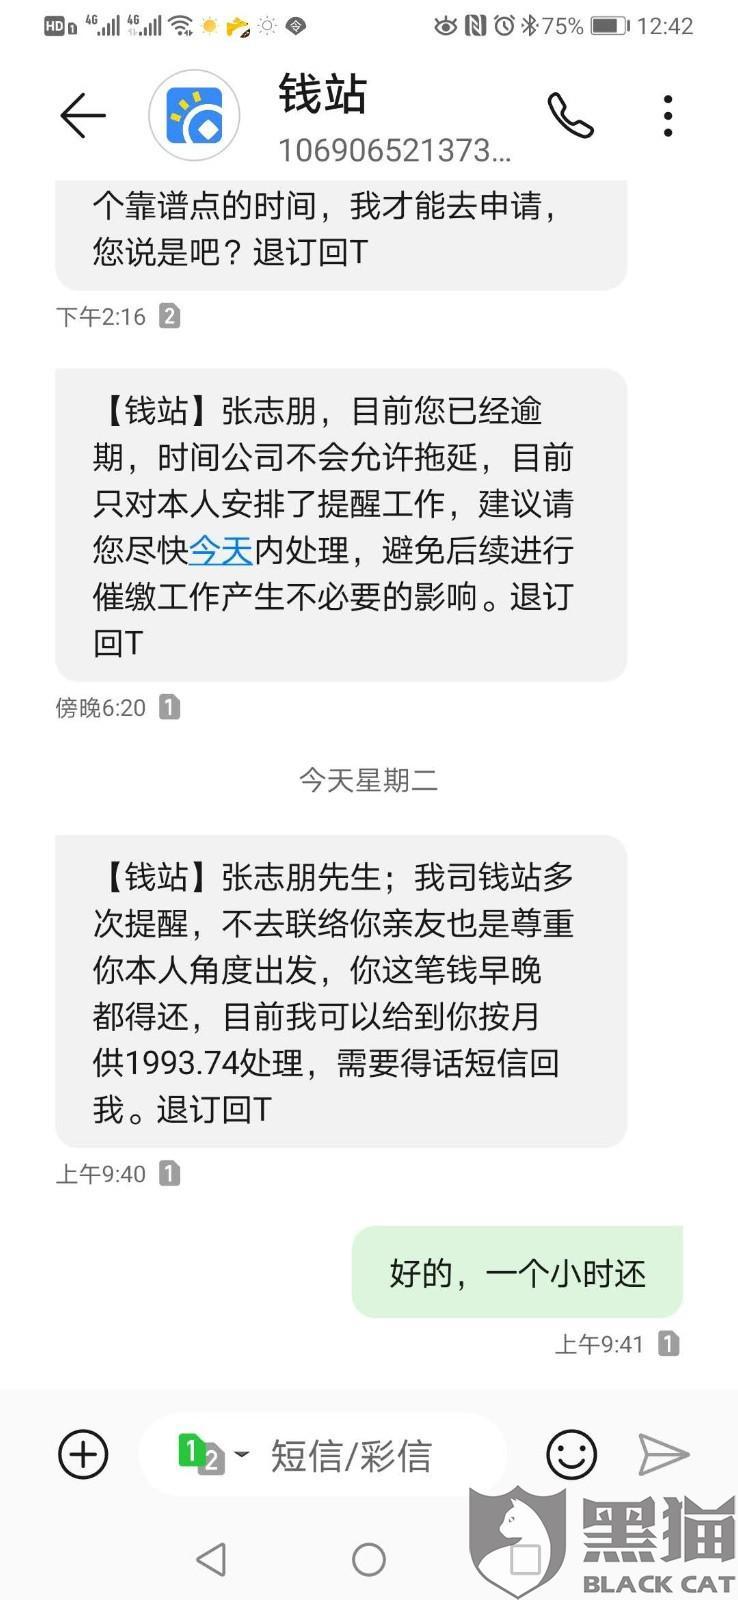 黑猫投诉:钱站联合京东支付凡普金科恶意扣款